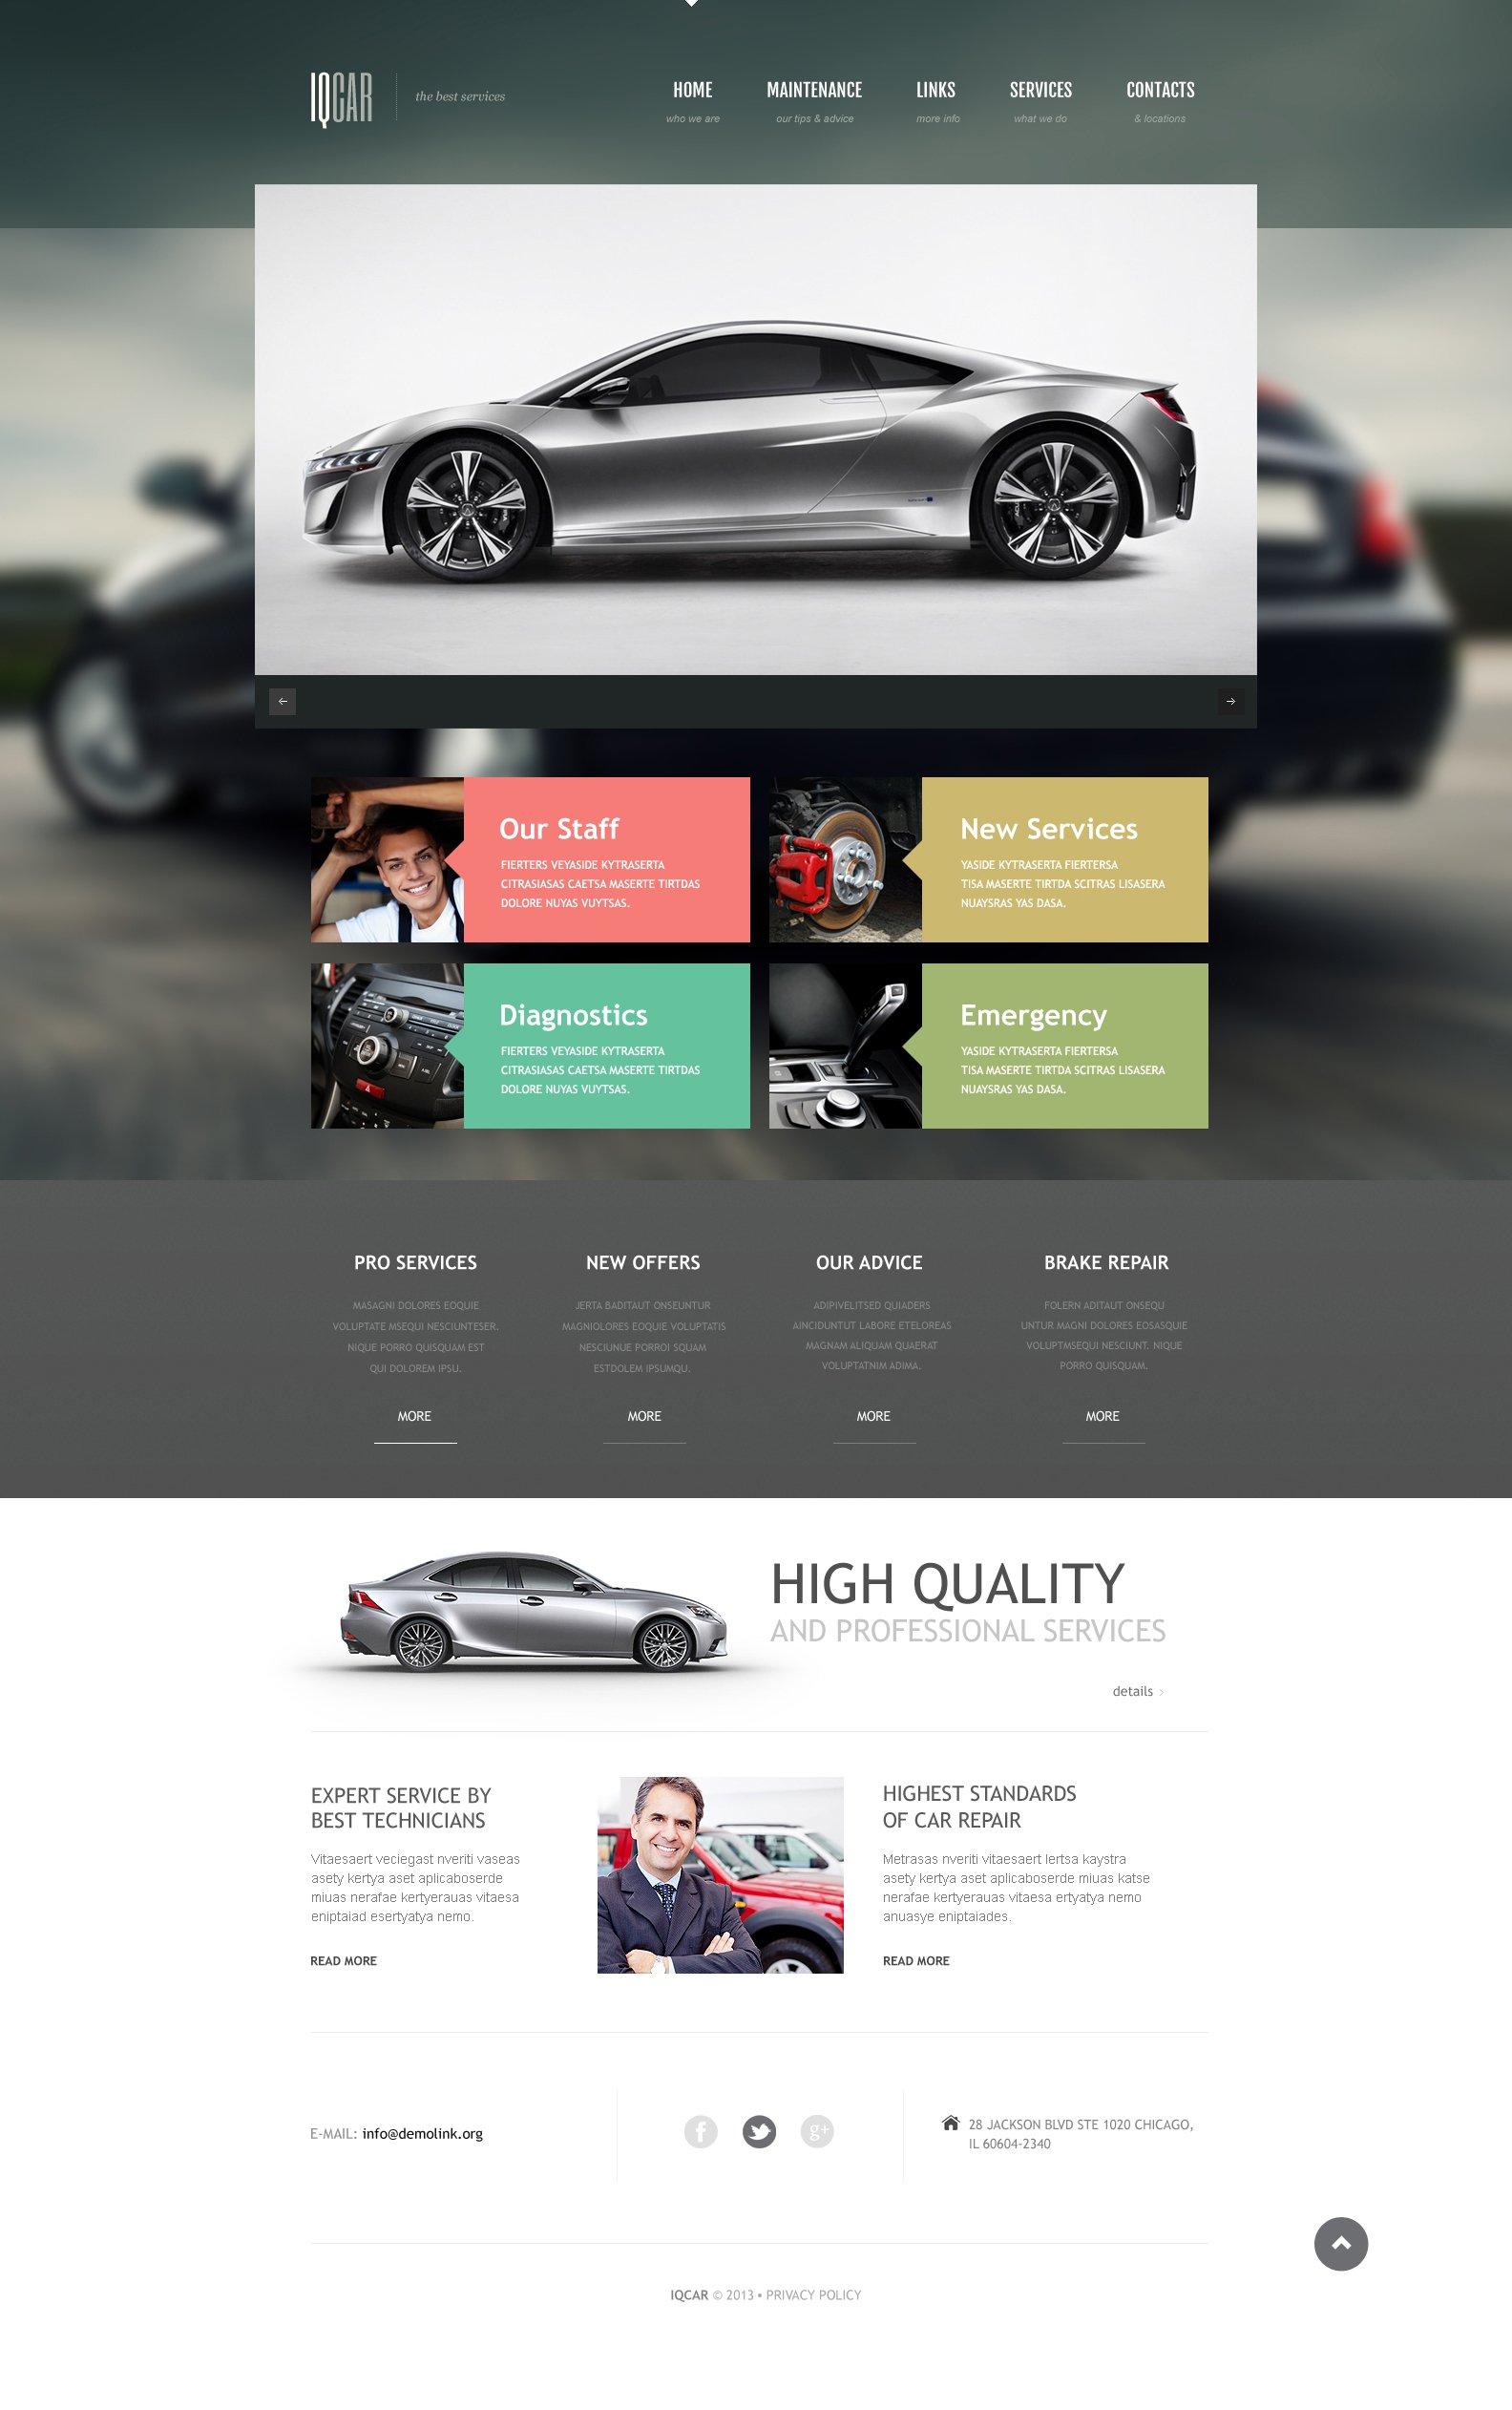 Modèle Web adaptatif pour site de réparation de voitures #46252 - screenshot